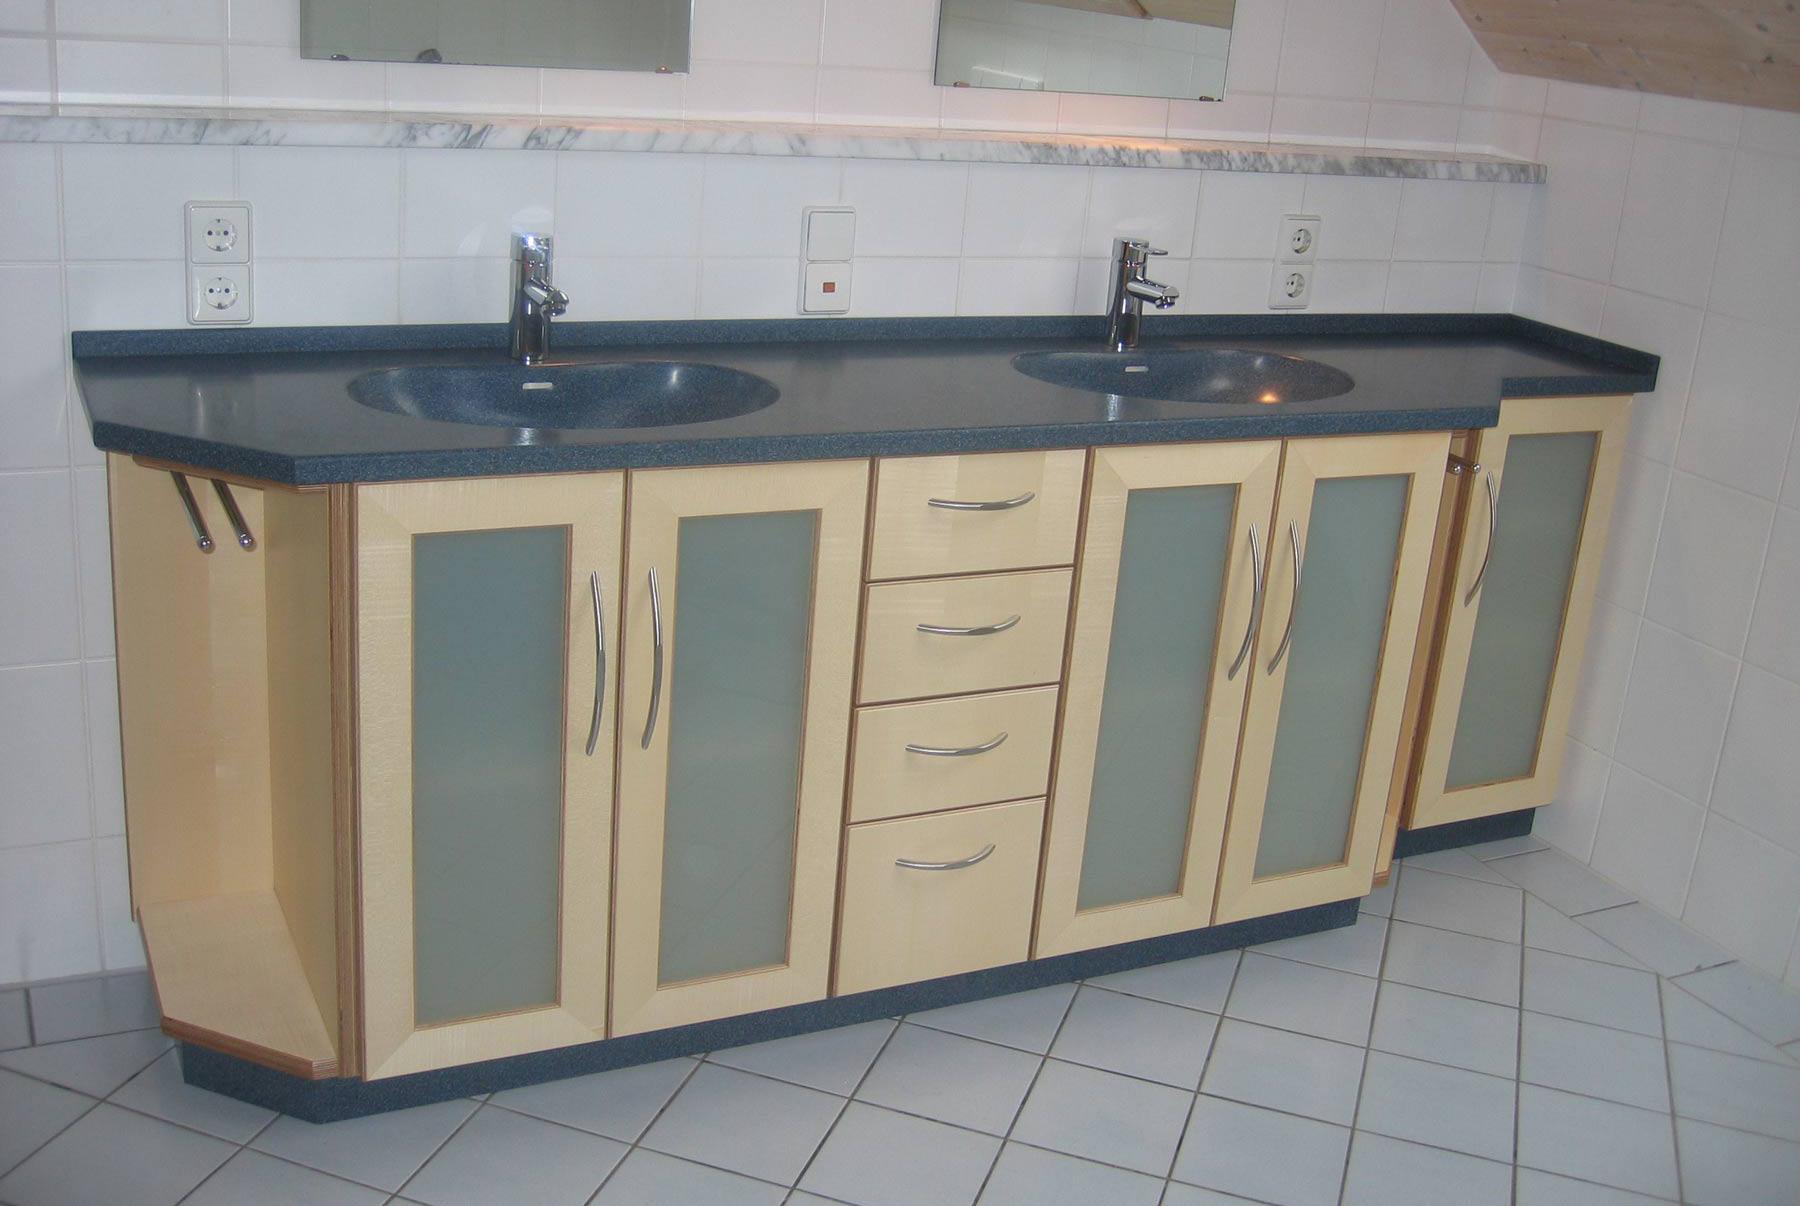 corian platte arbeitsplatte corian schreinerei leim sp ne m nchen arbeitsplatte corian haus. Black Bedroom Furniture Sets. Home Design Ideas